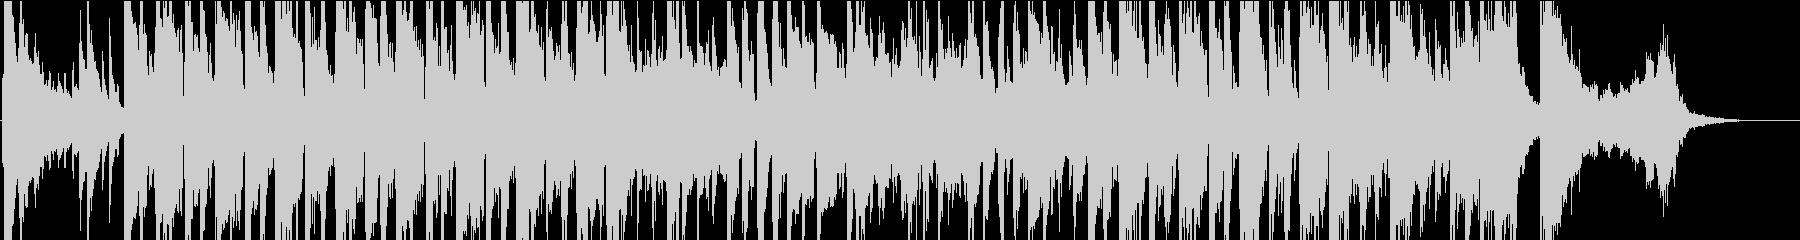 オールドアメリカン風の軽快なBGMの未再生の波形